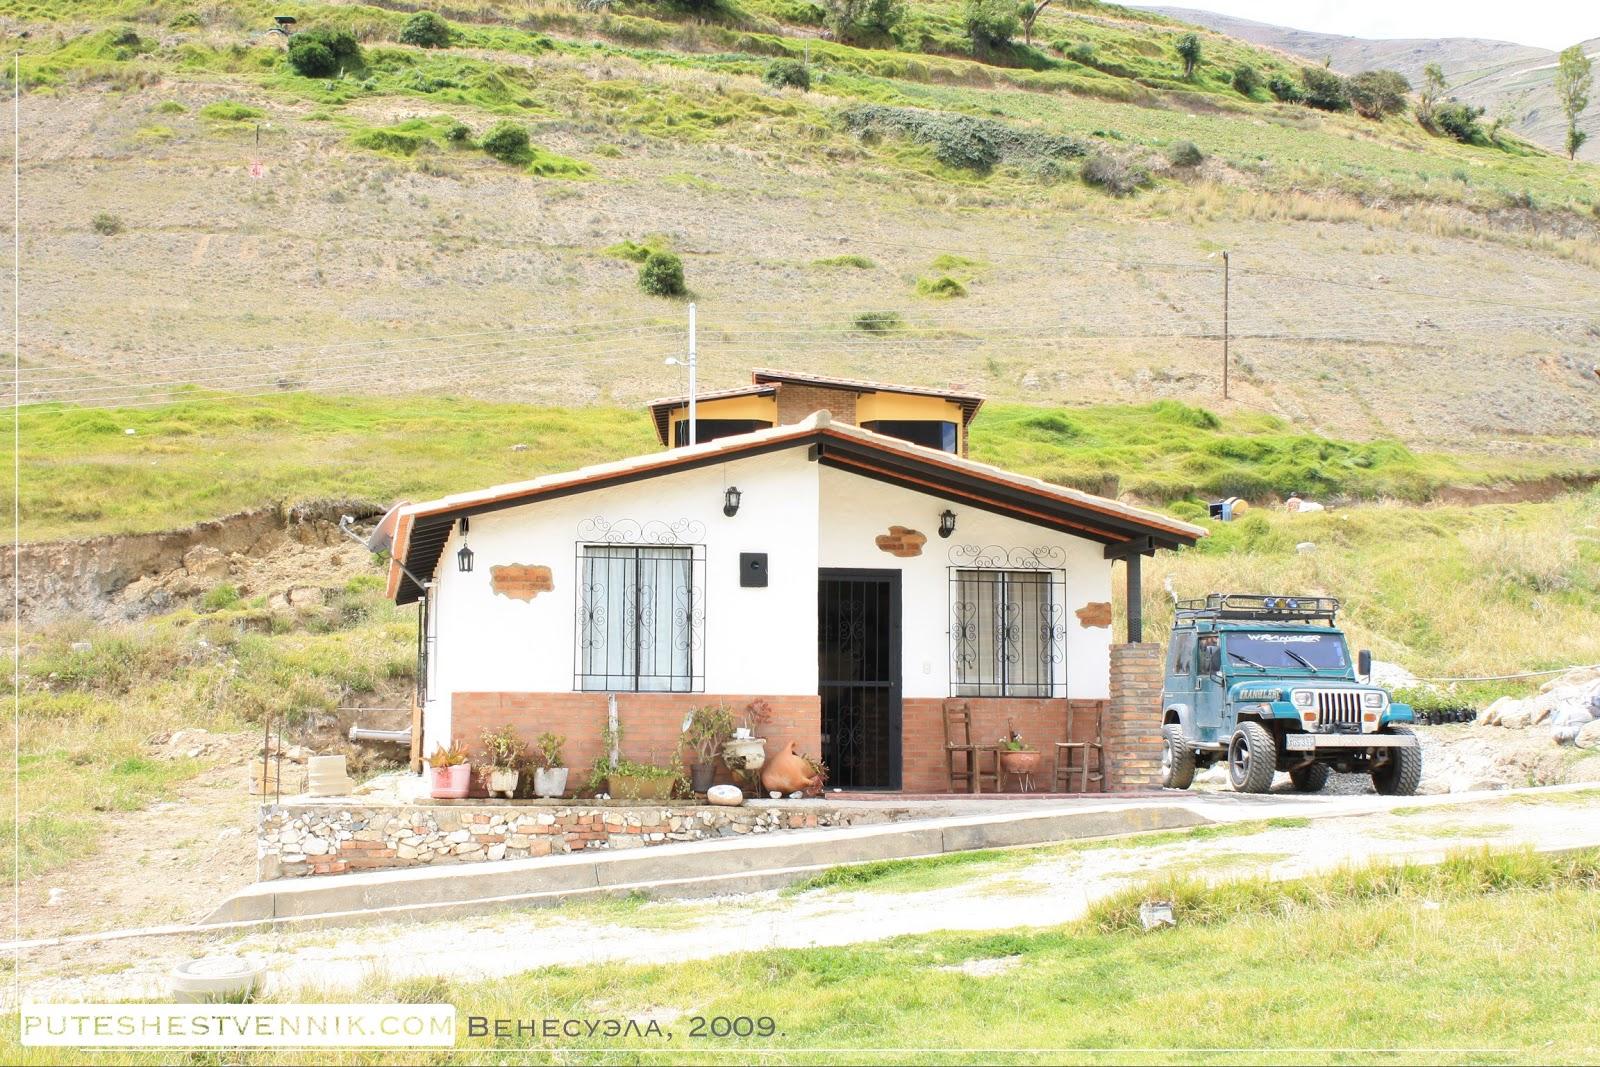 Дом и джип в Венесуэле